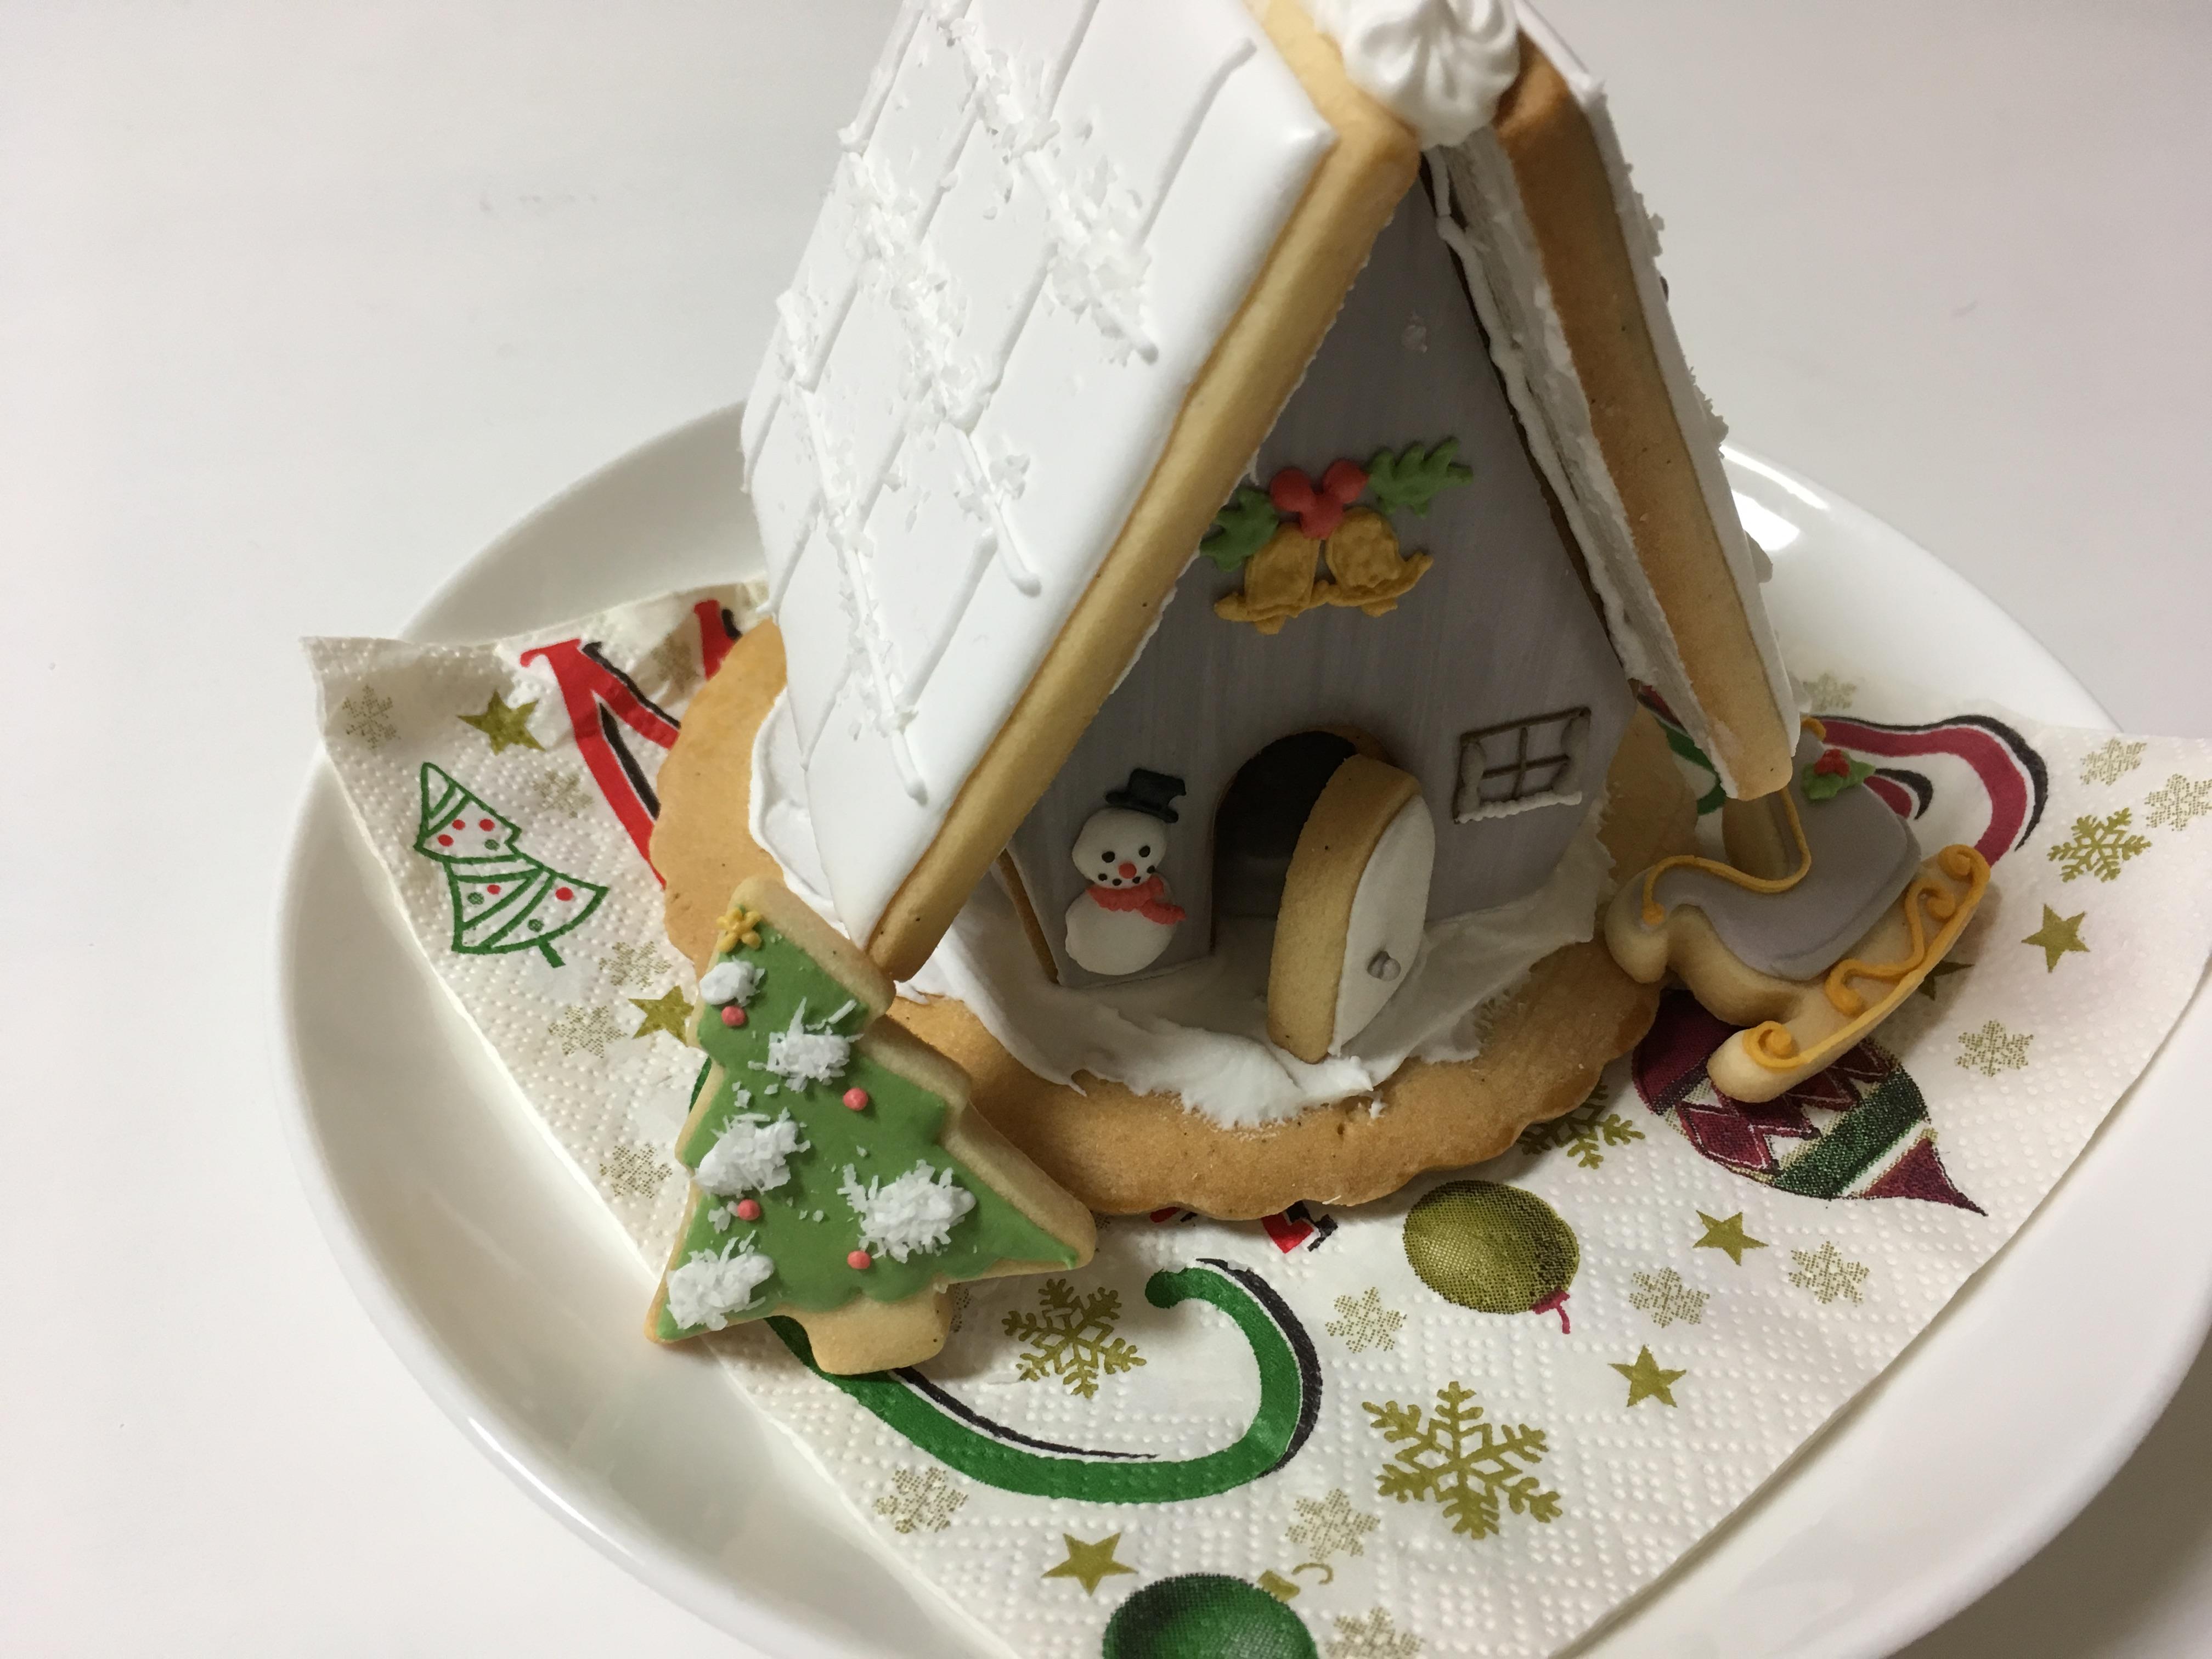 アイシングクッキーでたのしむクリスマス♪大人の習い事♪